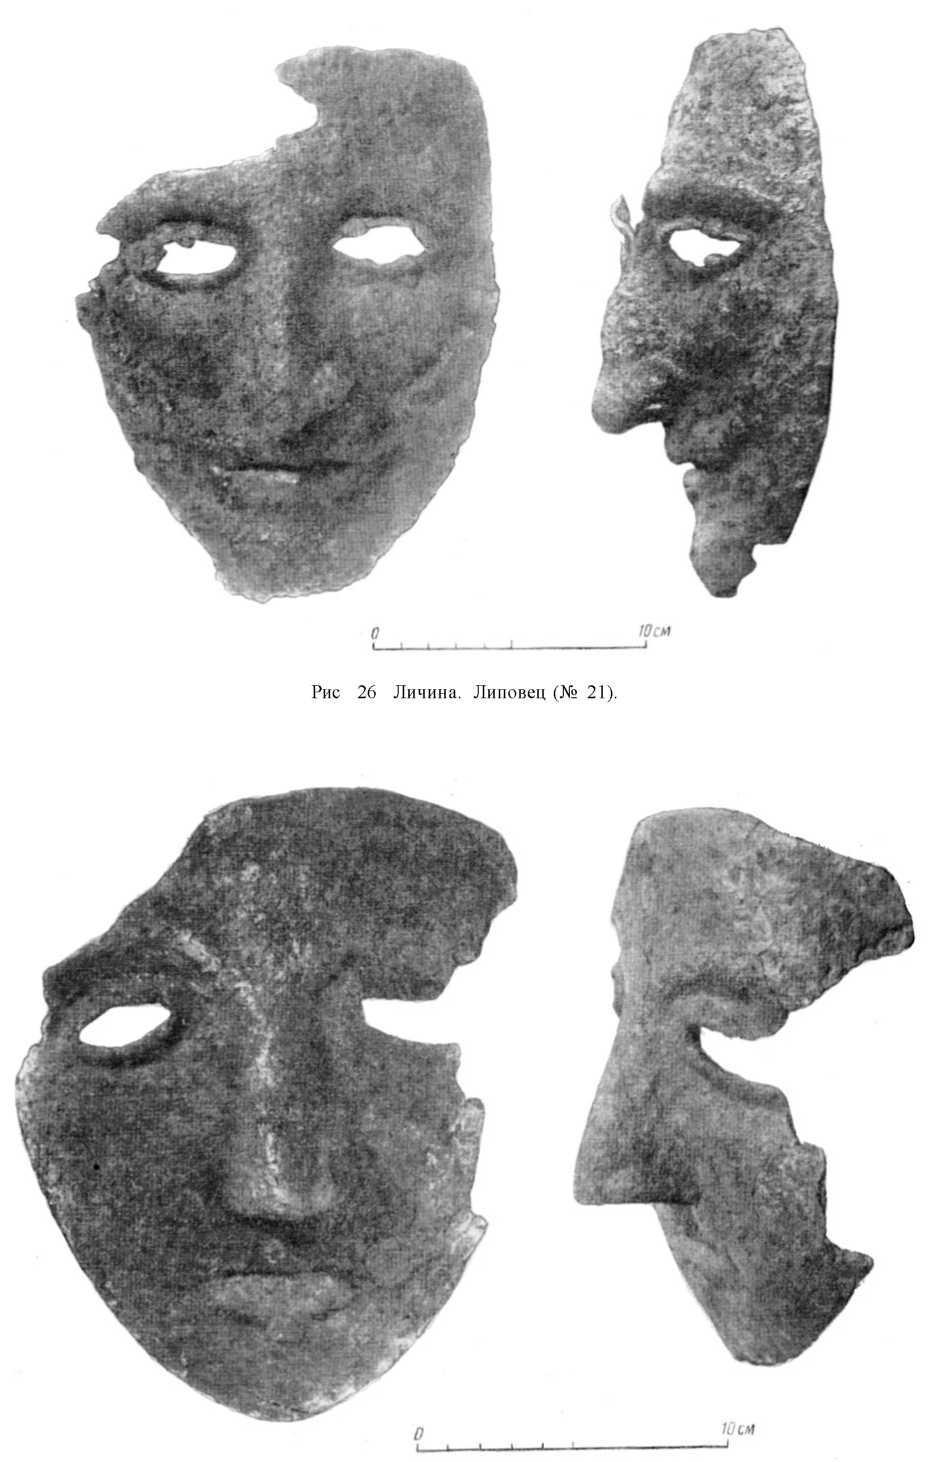 Рис. 27. Личина первой половины XIII в. Серенск (раскопки Т. Н. Никольской в 1965—1967 гг., ГИМ).